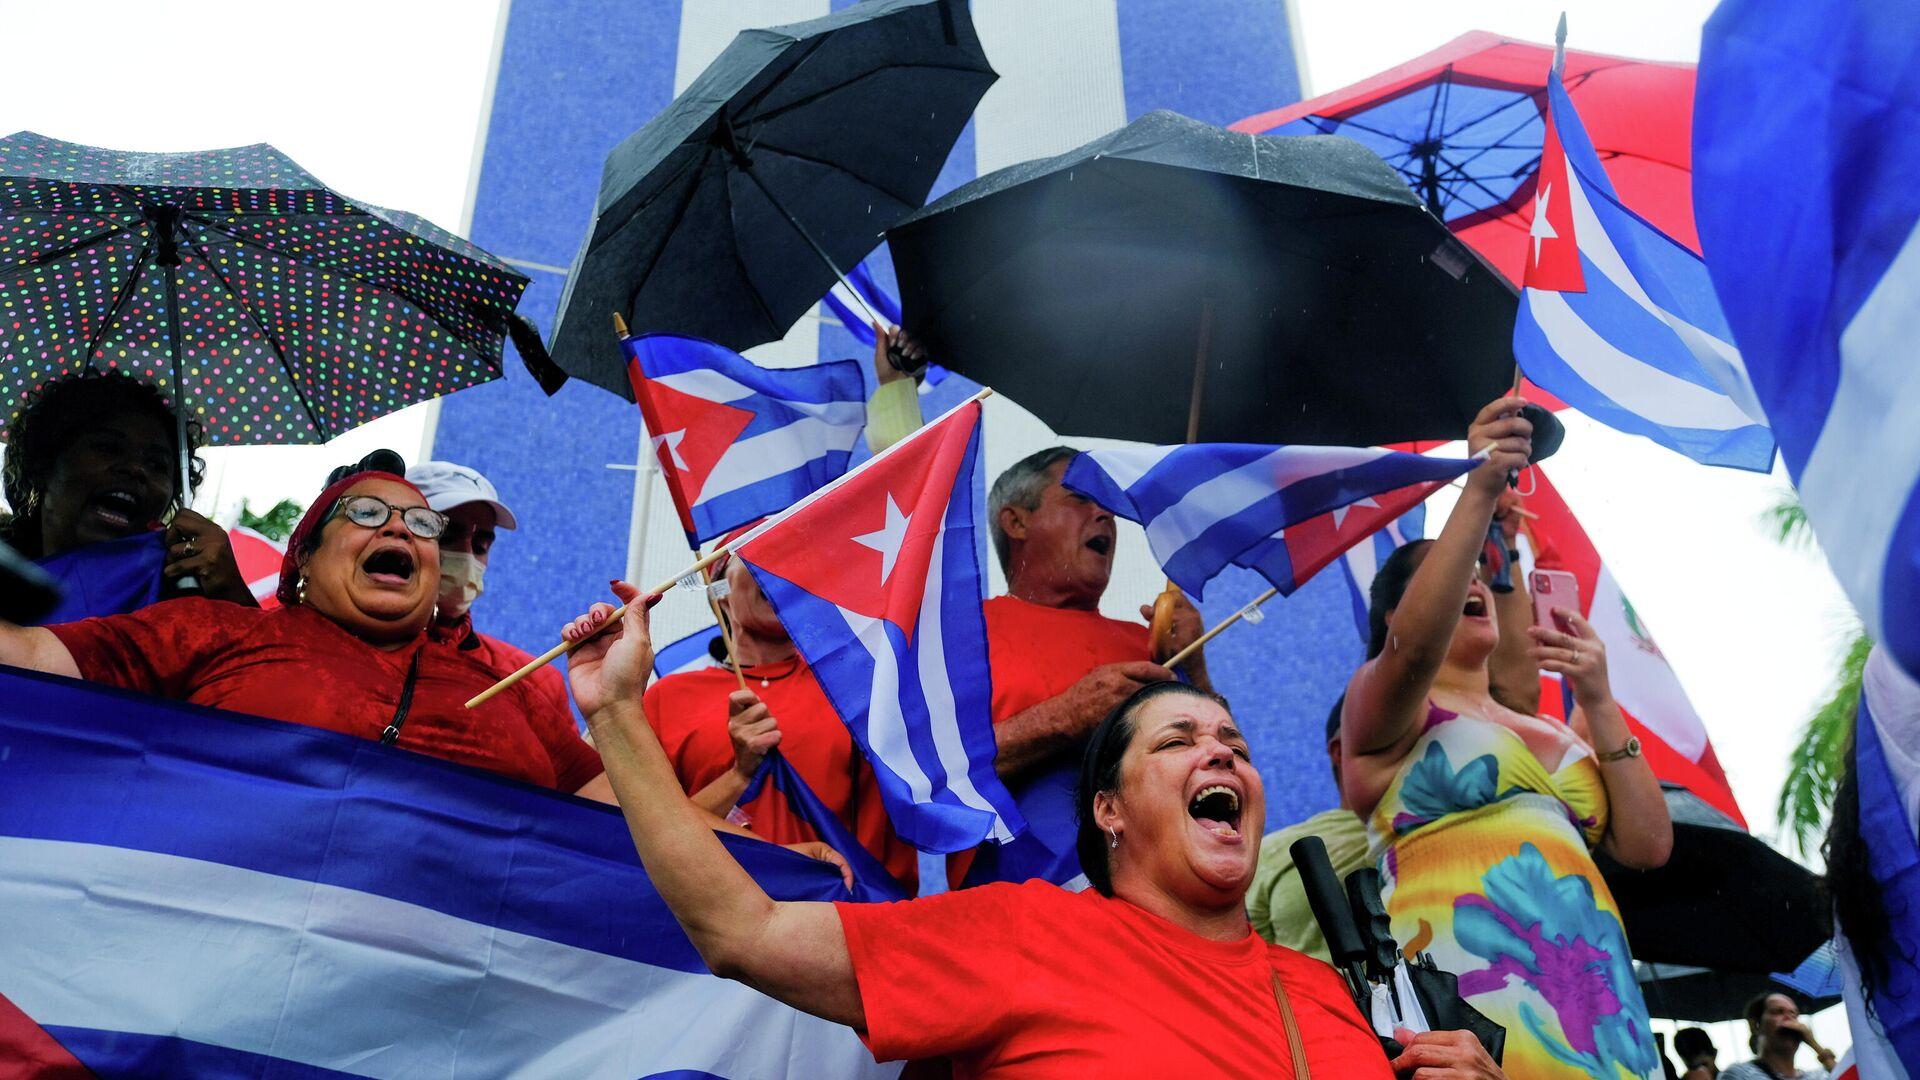 Официальный представитель Госдепа Прайс допустил усиление охраны посольства США на Кубе